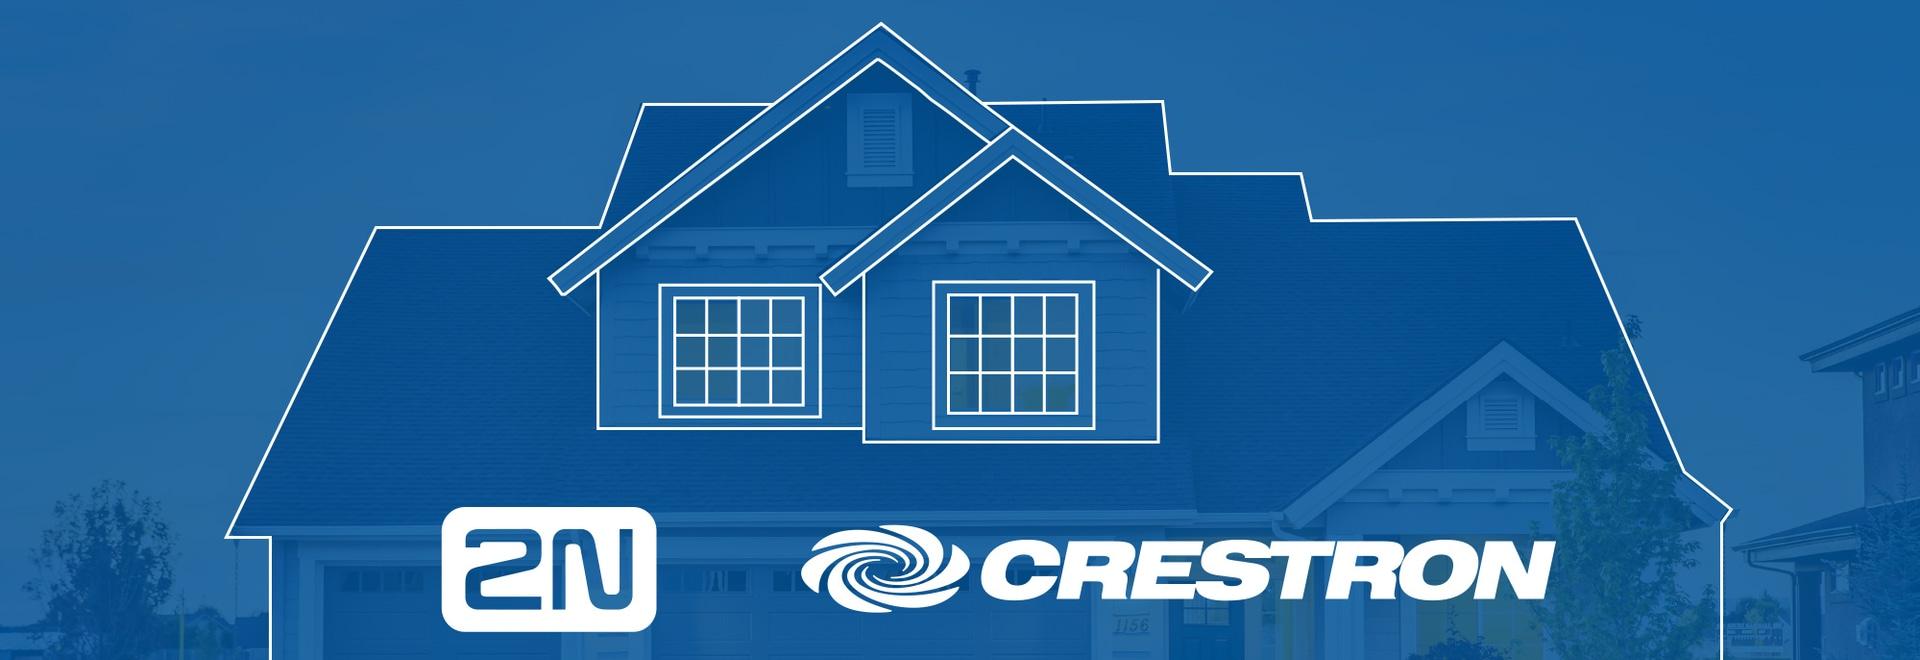 Offrite un'abitazione intelligente. Offrite 2N insieme a Crestron